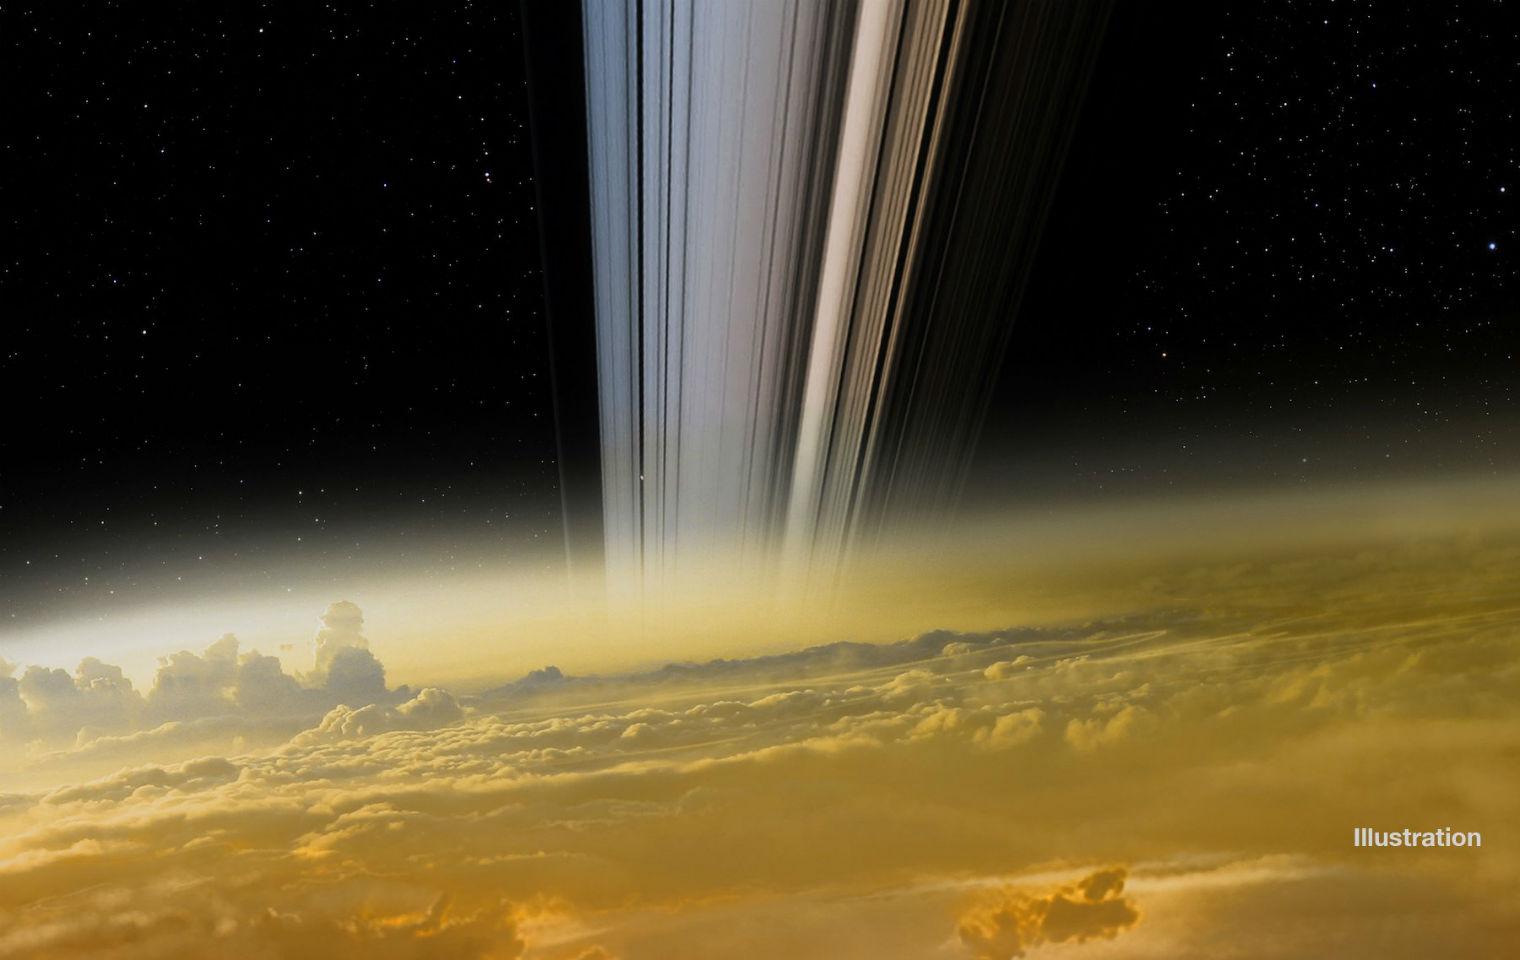 фотографии кассини на сатурне отличие